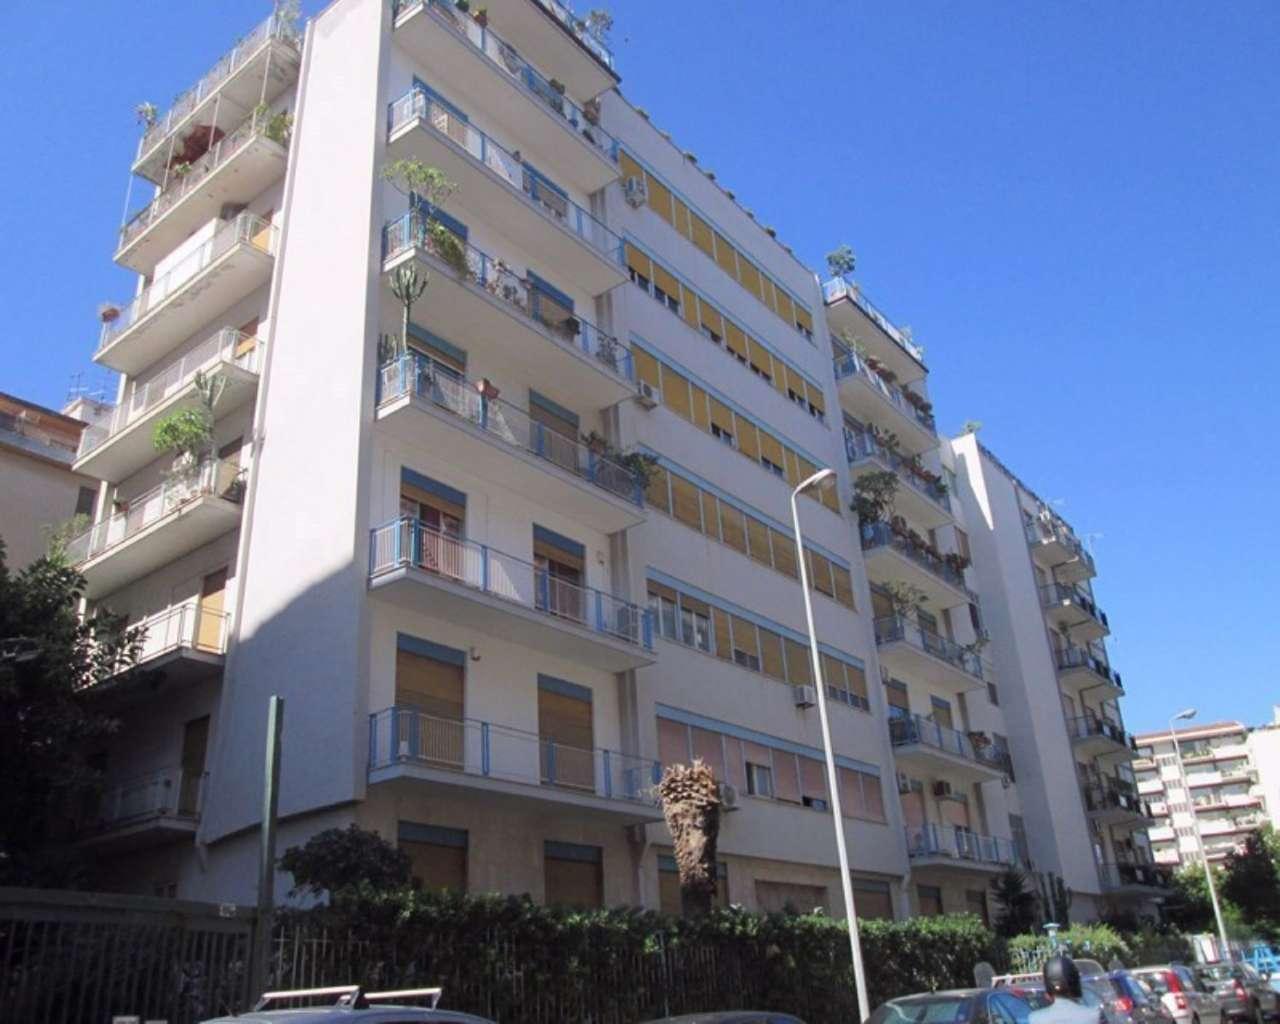 Appartamento in Vendita a Palermo Centro:  3 locali, 105 mq  - Foto 1